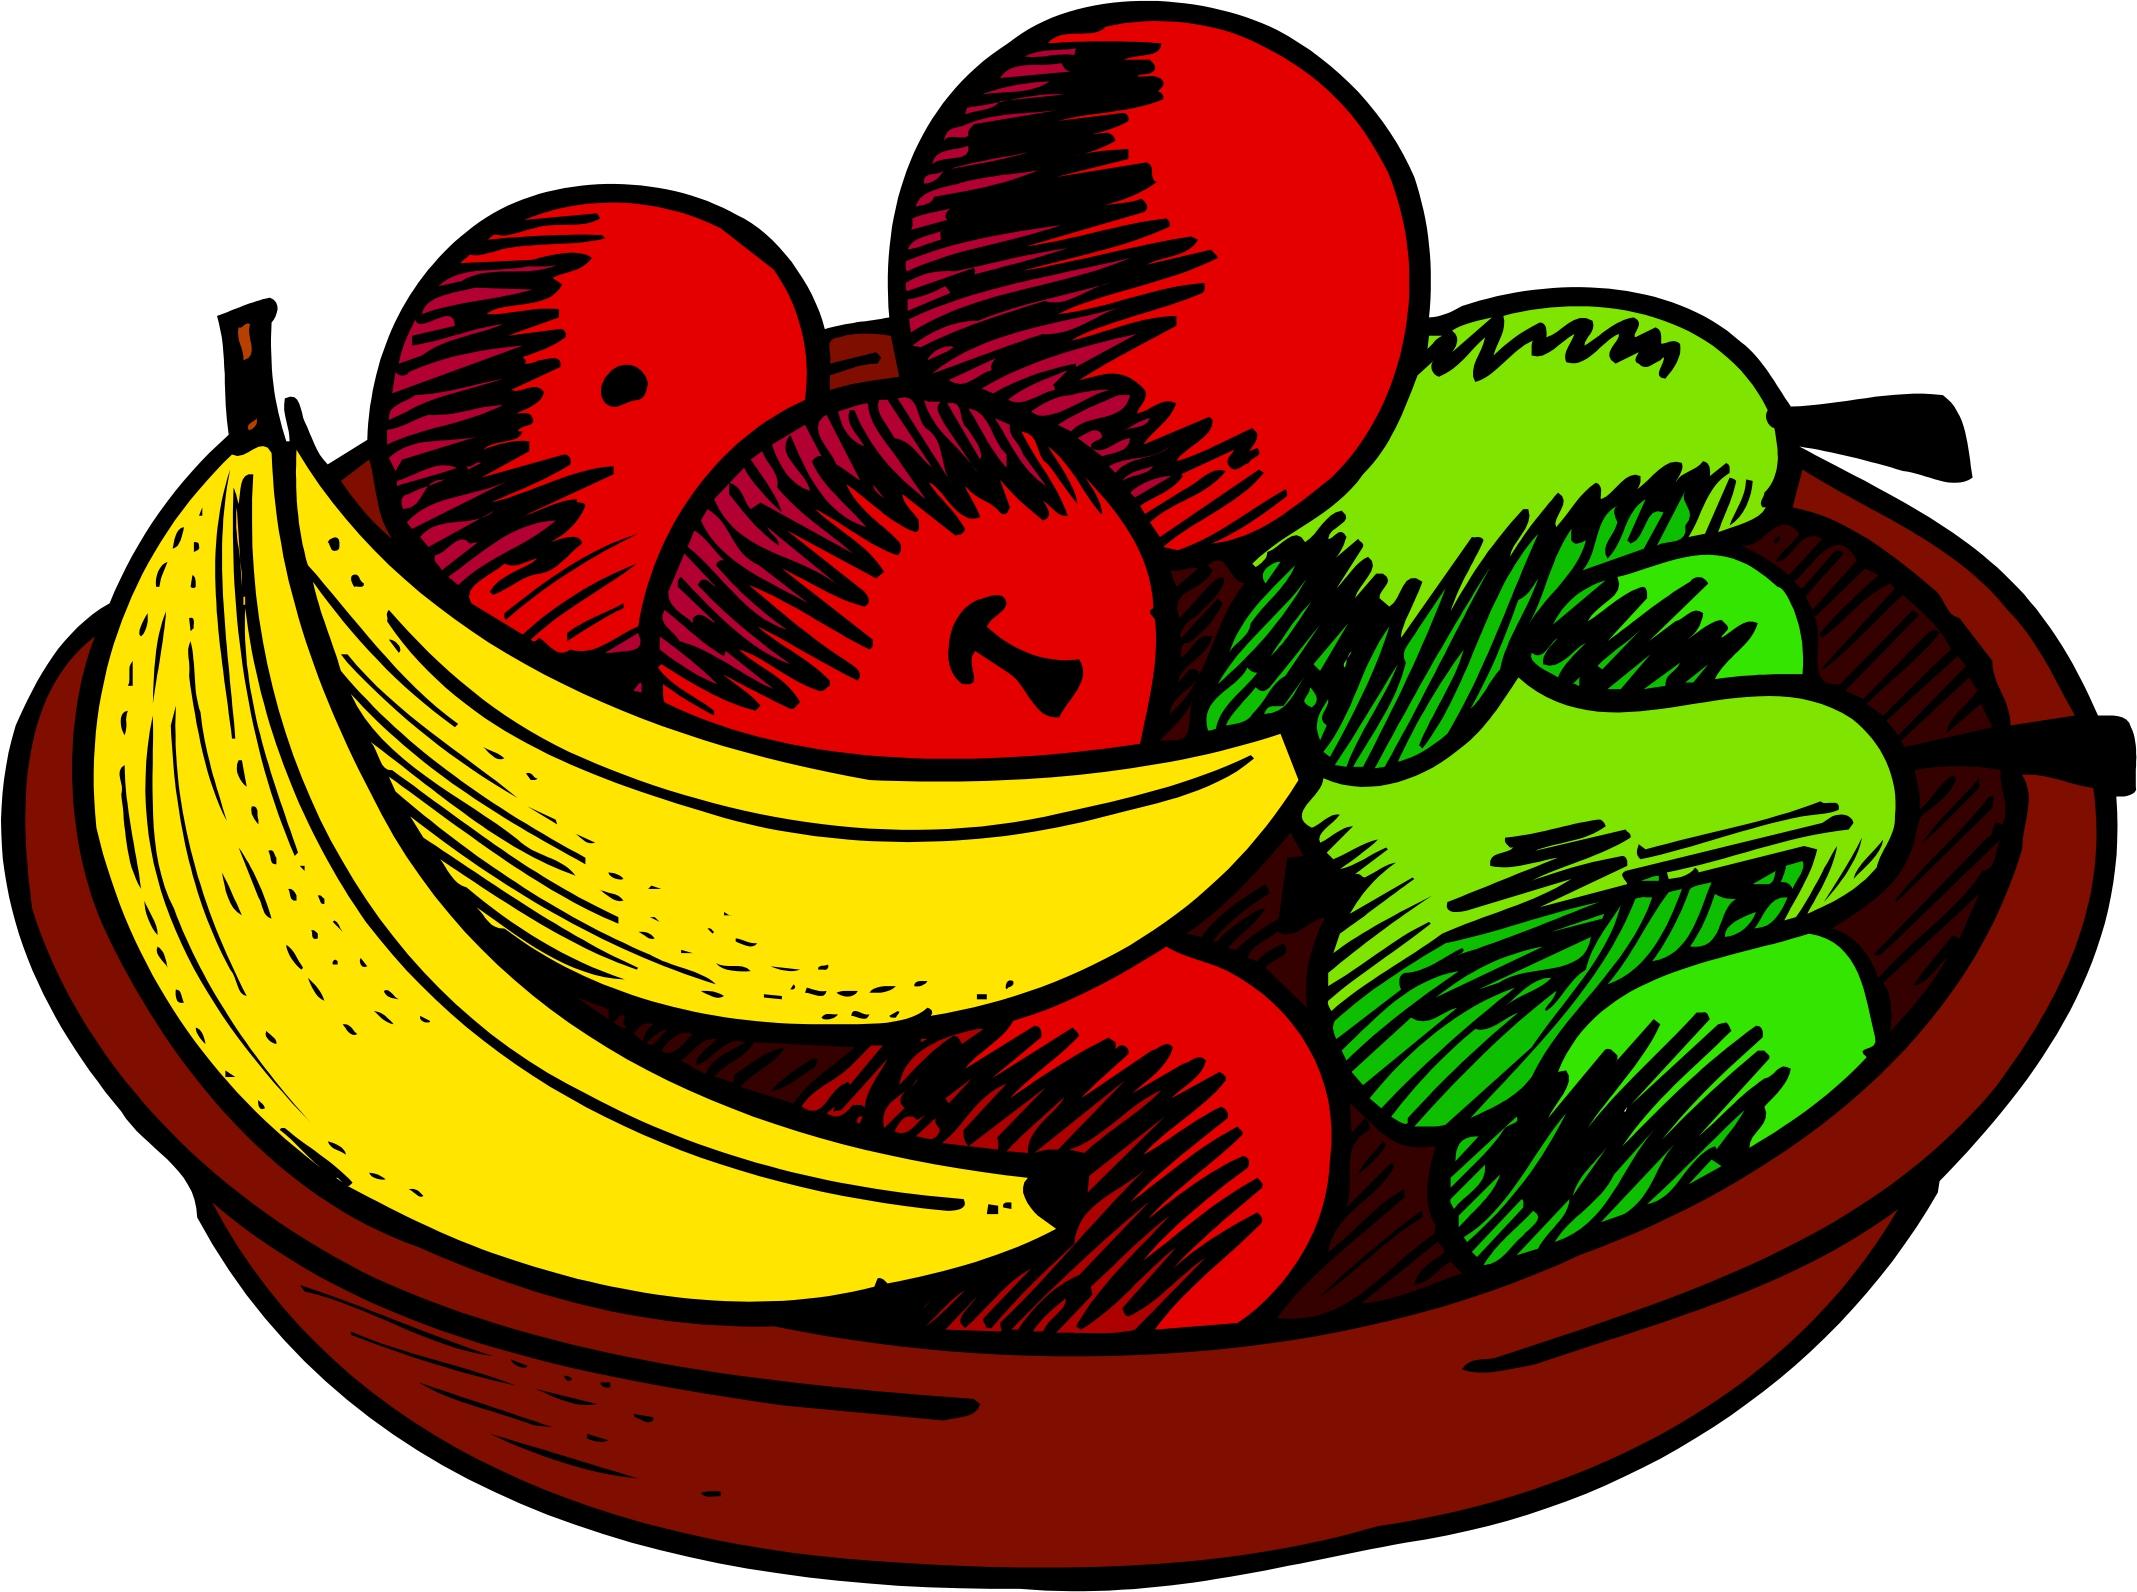 2137x1592 Fruit Basket Clipart 101 Clip Art